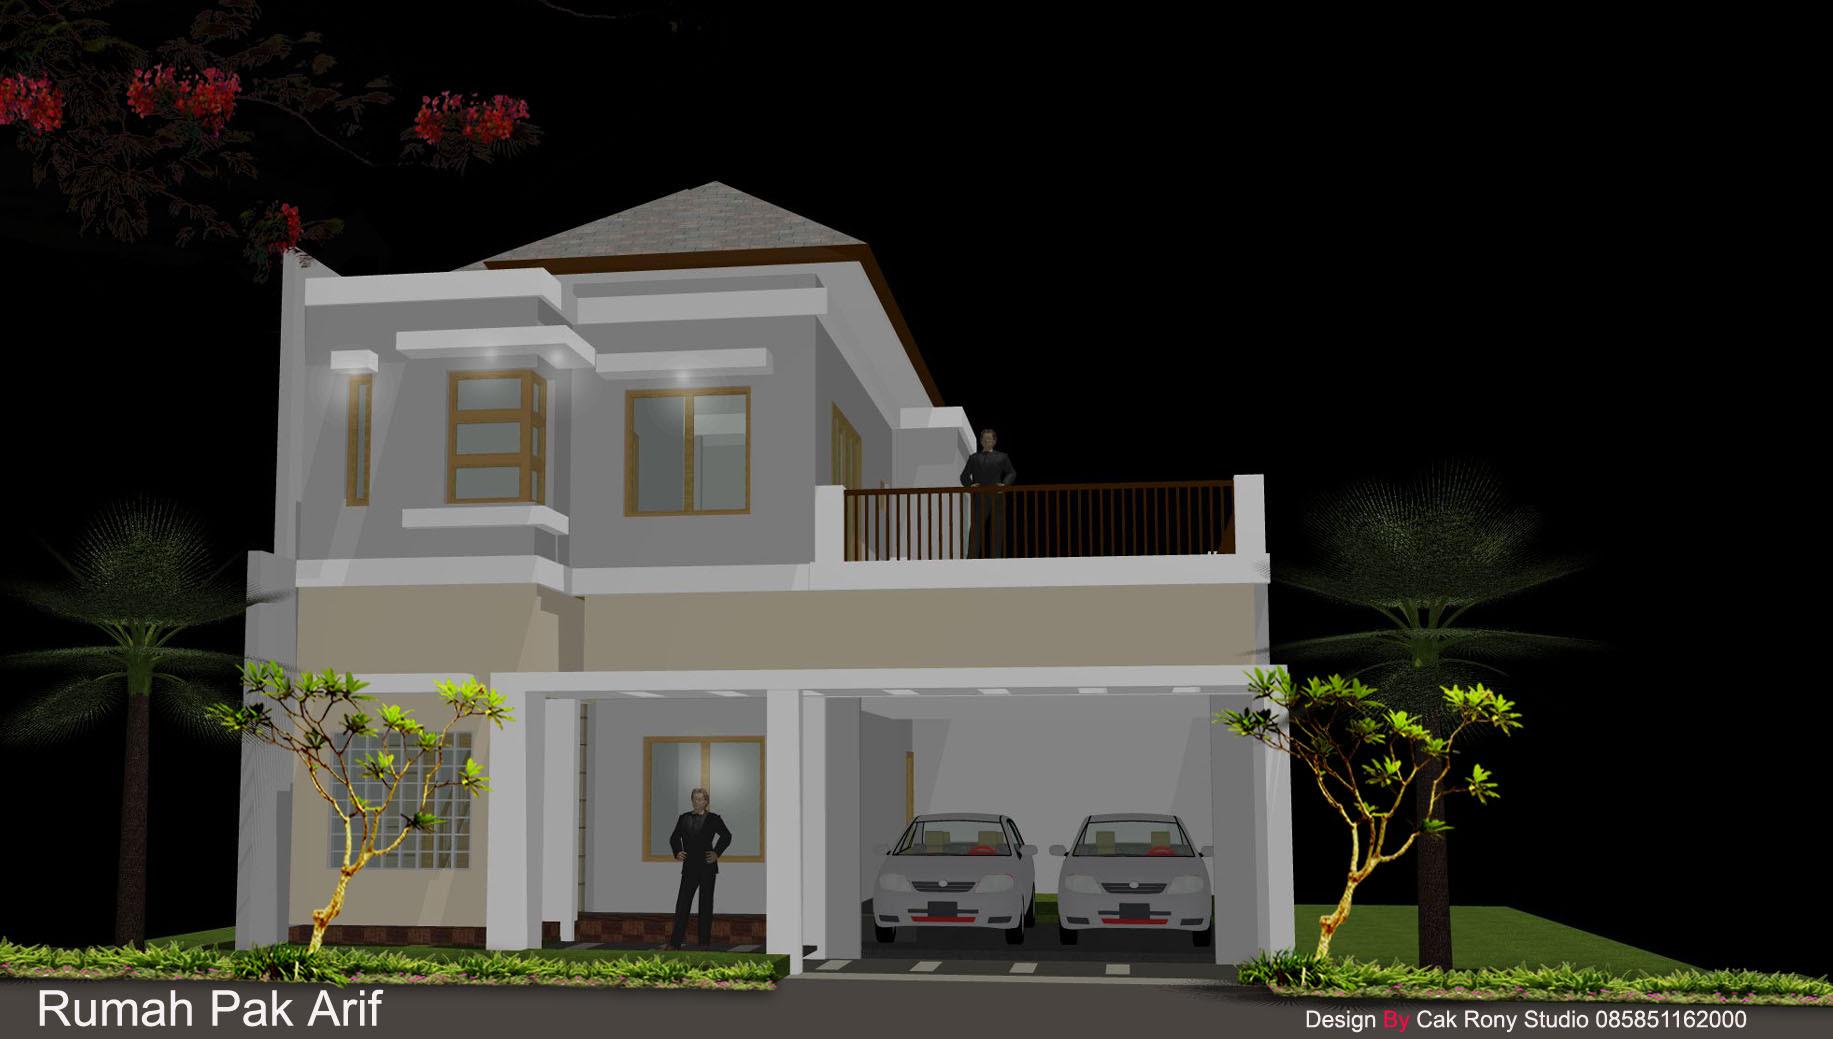 Informasi Desain Rumah 2 Lantai Di Lahan Sempit Prosforjdacom